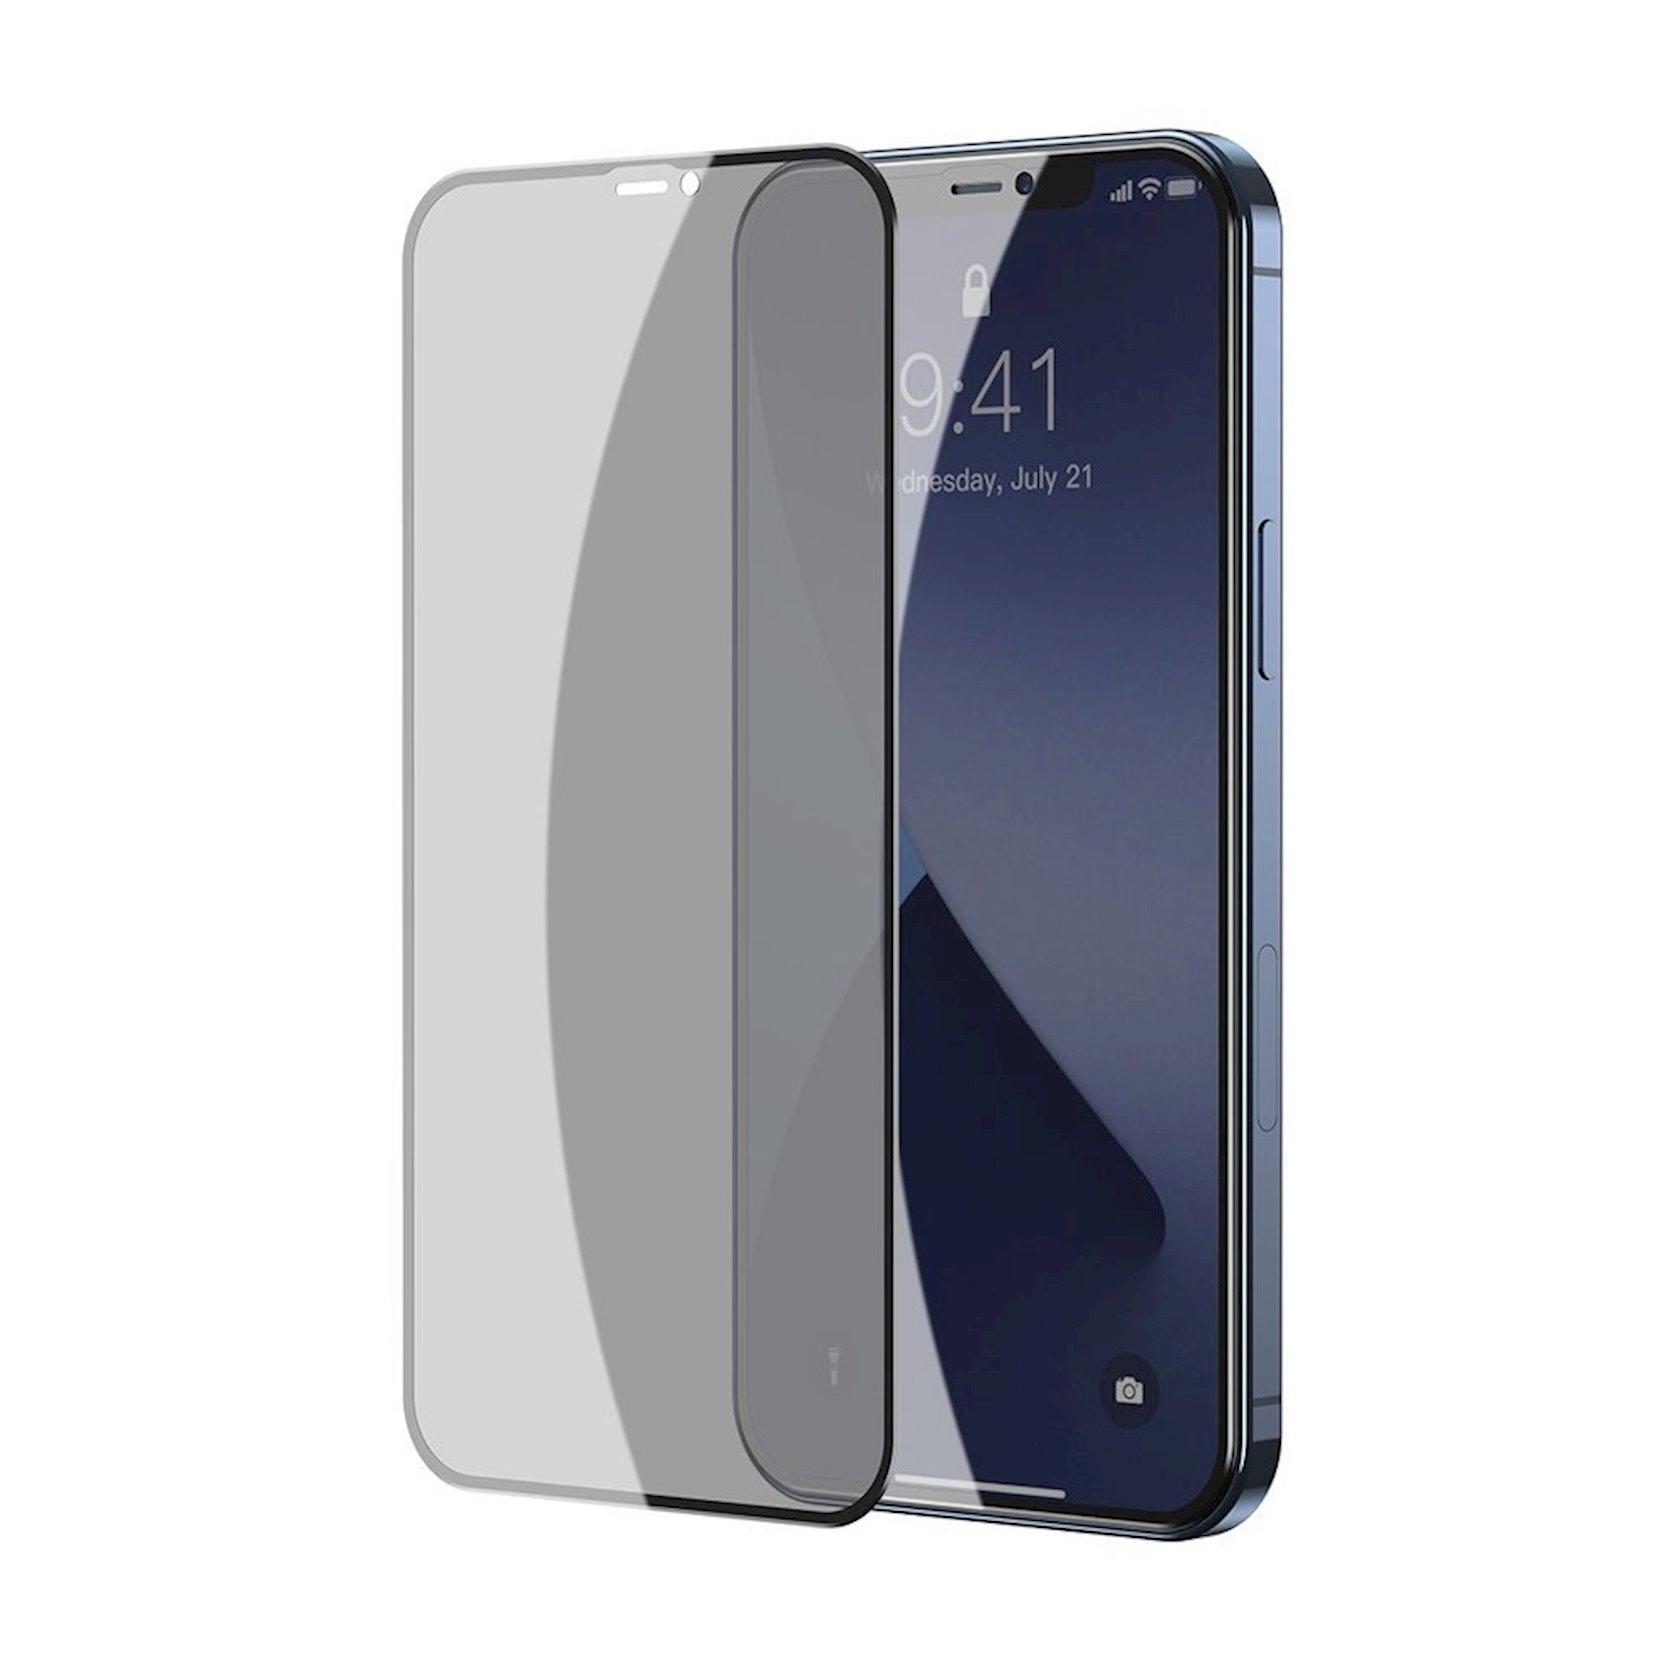 Qoruyucu şüşə Baseus for iPhone 12 Mini, 2 əd